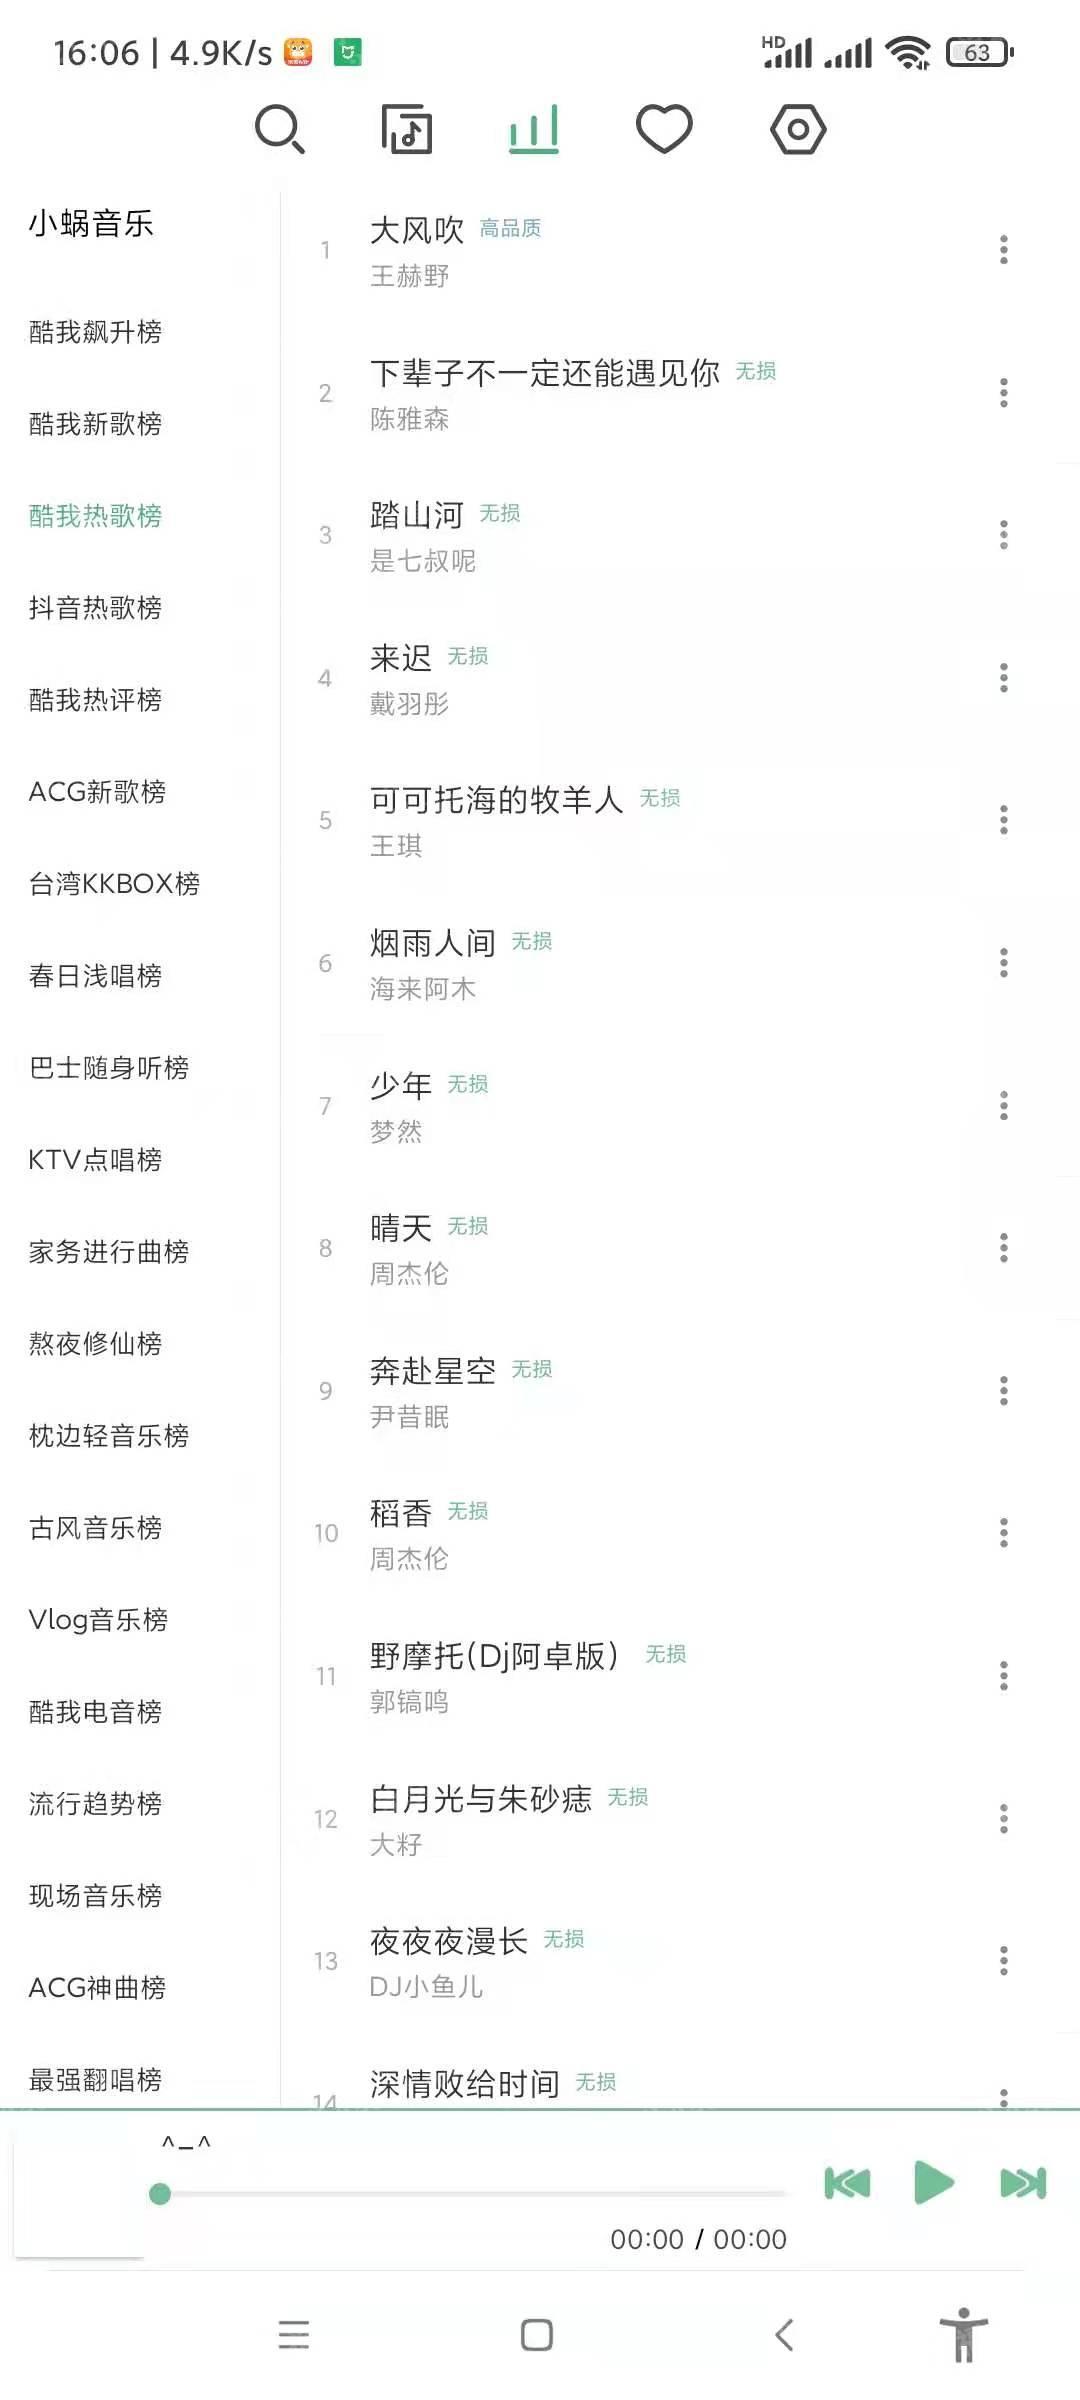 无版权音乐下载软件-洛雪音乐助手,新增安卓版-Github-『游乐宫』Youlegong.com 第2张